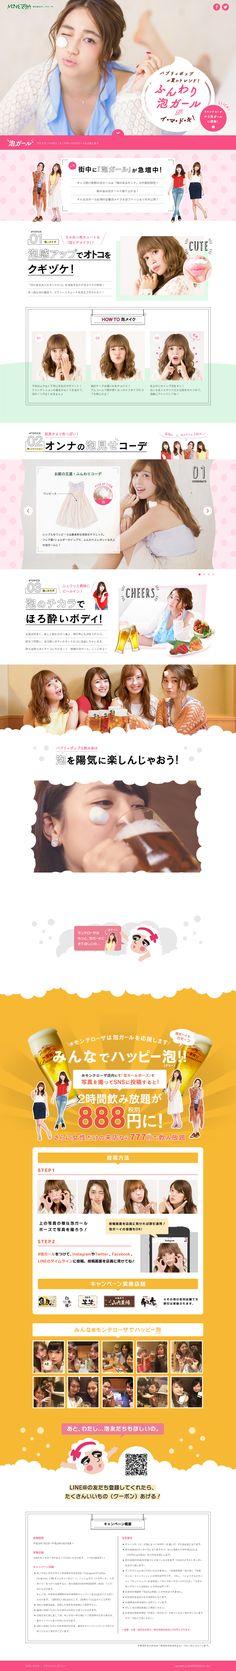 http://awa.yoinomi.com/pc/